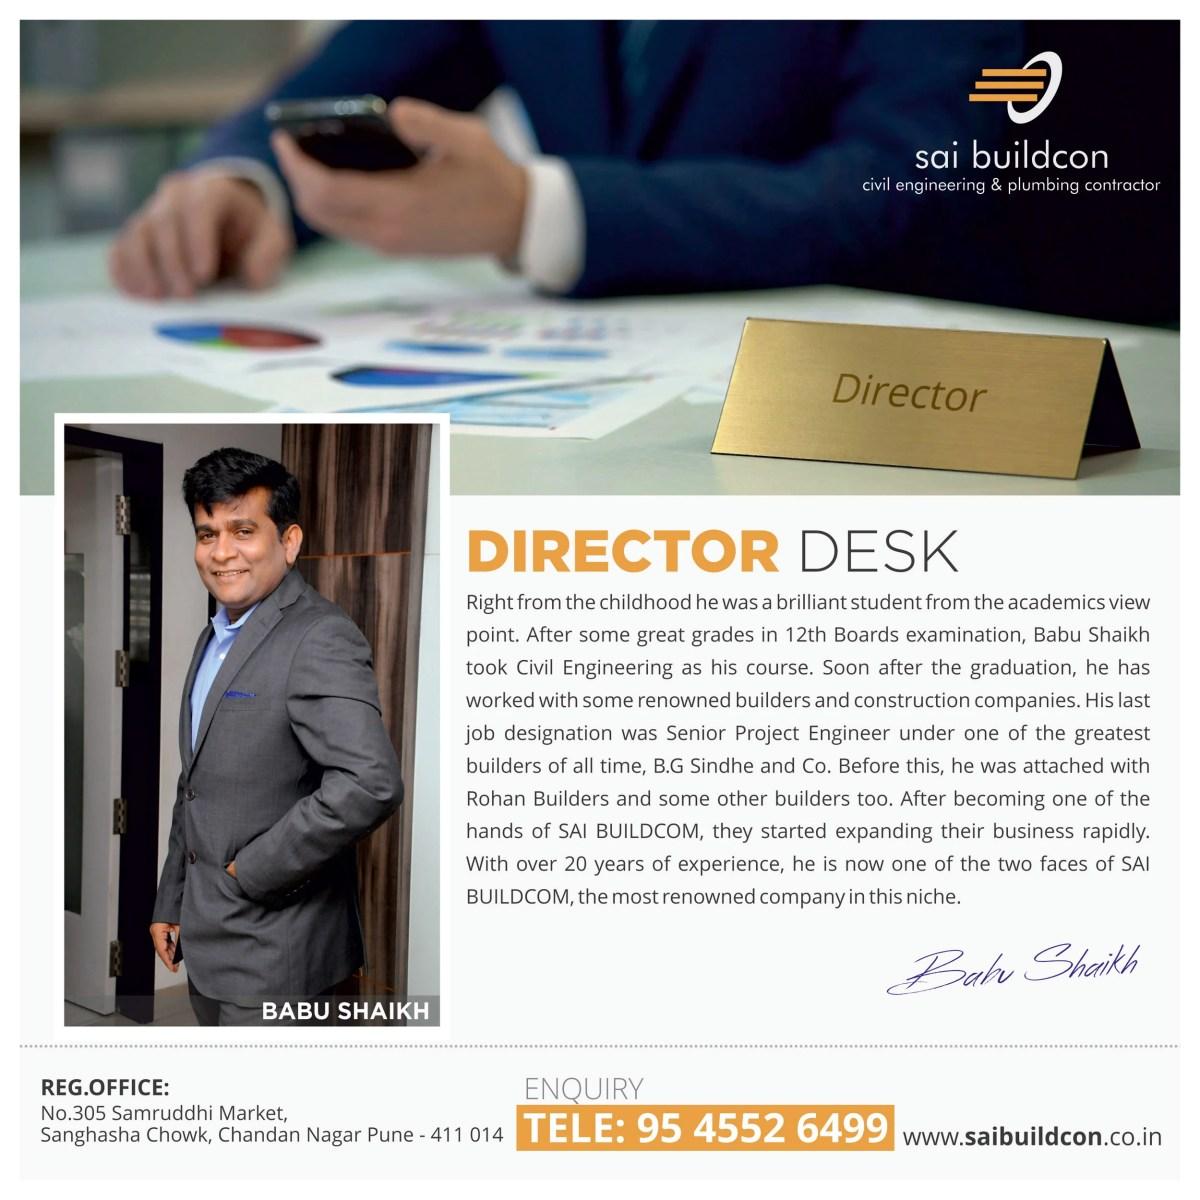 23 July 2018 Sai Buildcon Director Babu Shaikh